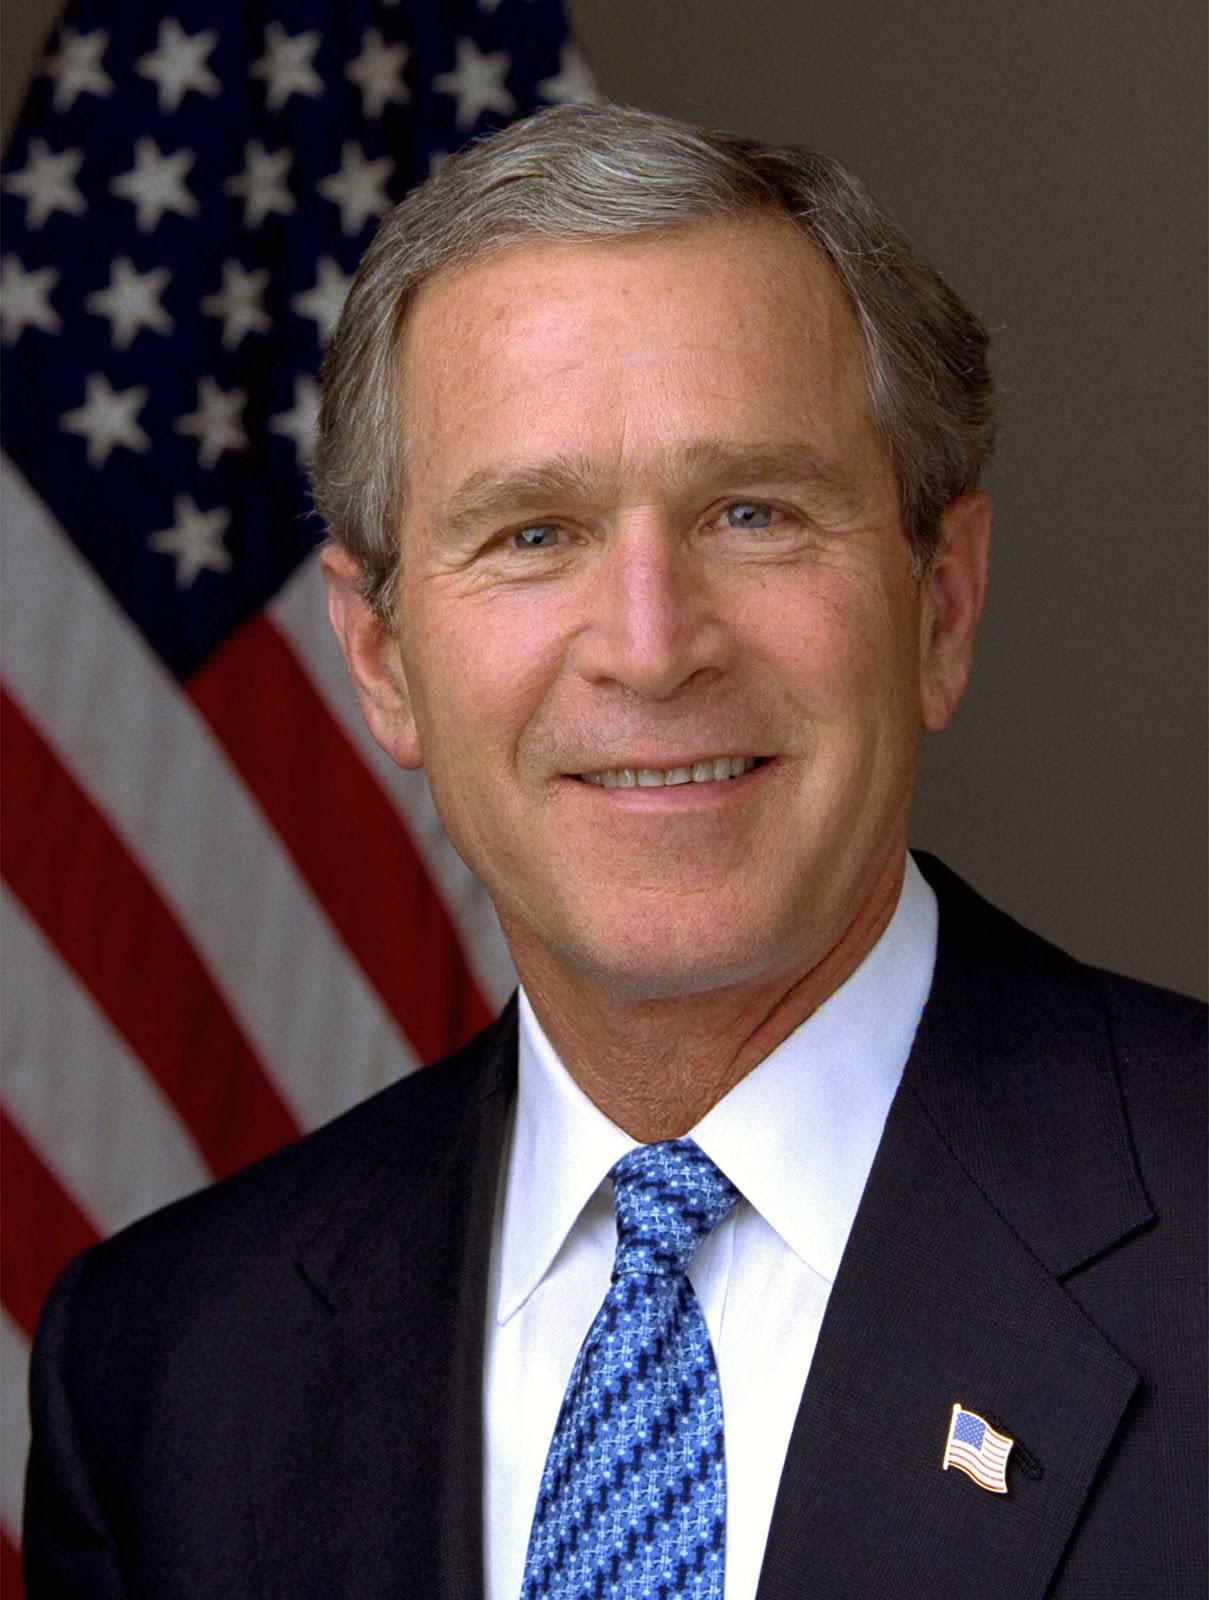 http://1.bp.blogspot.com/-C8y5jAlTde0/UJPC73GurFI/AAAAAAAAAaY/5QmNQWZr-7I/s1600/George-W-Bush.jpeg